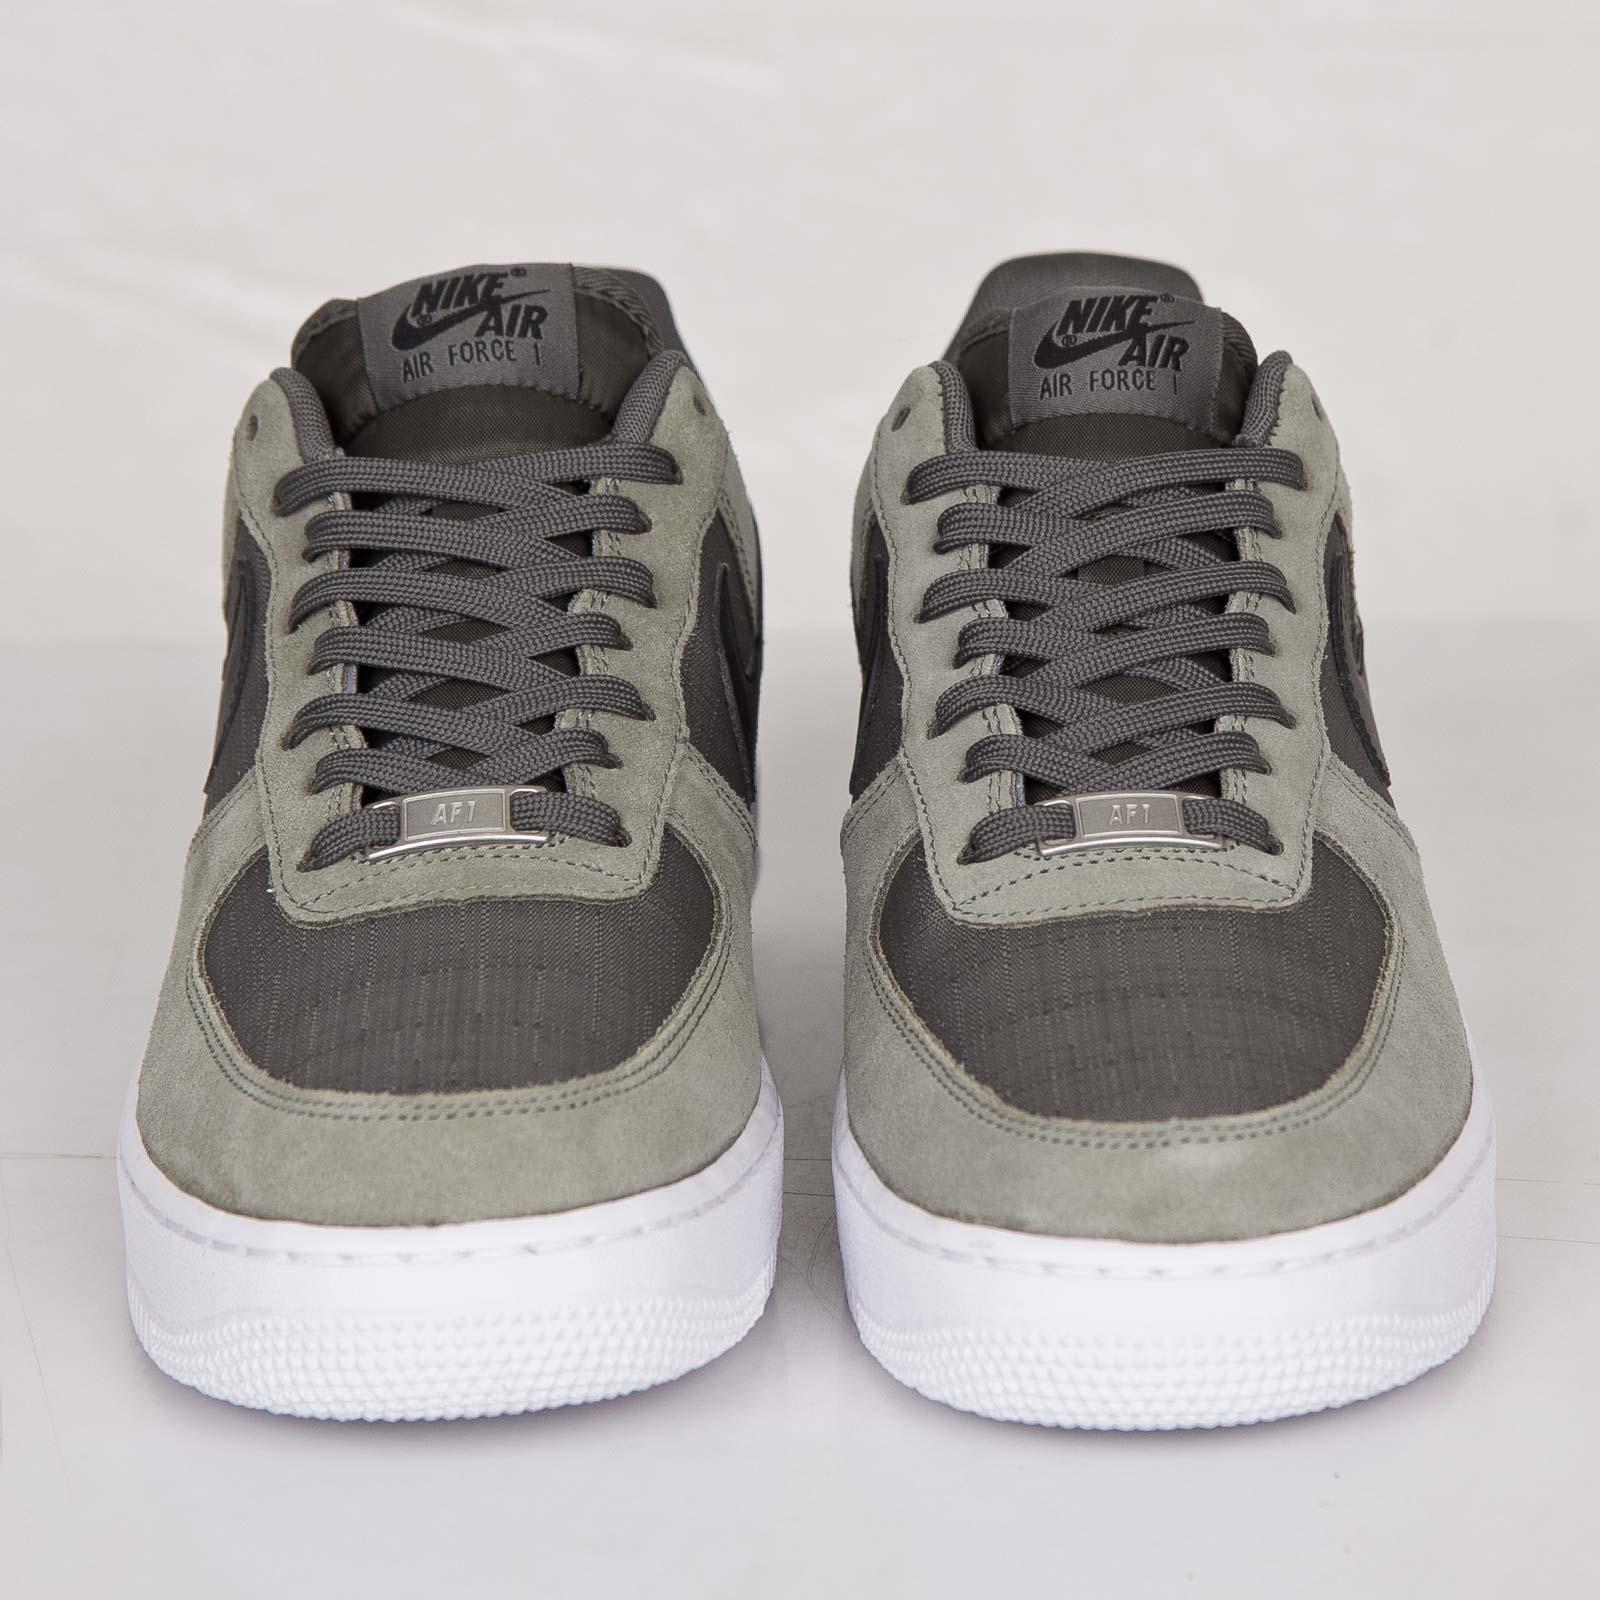 Nike Air Force 1 488298 081 Sneakersnstuff | sneakers